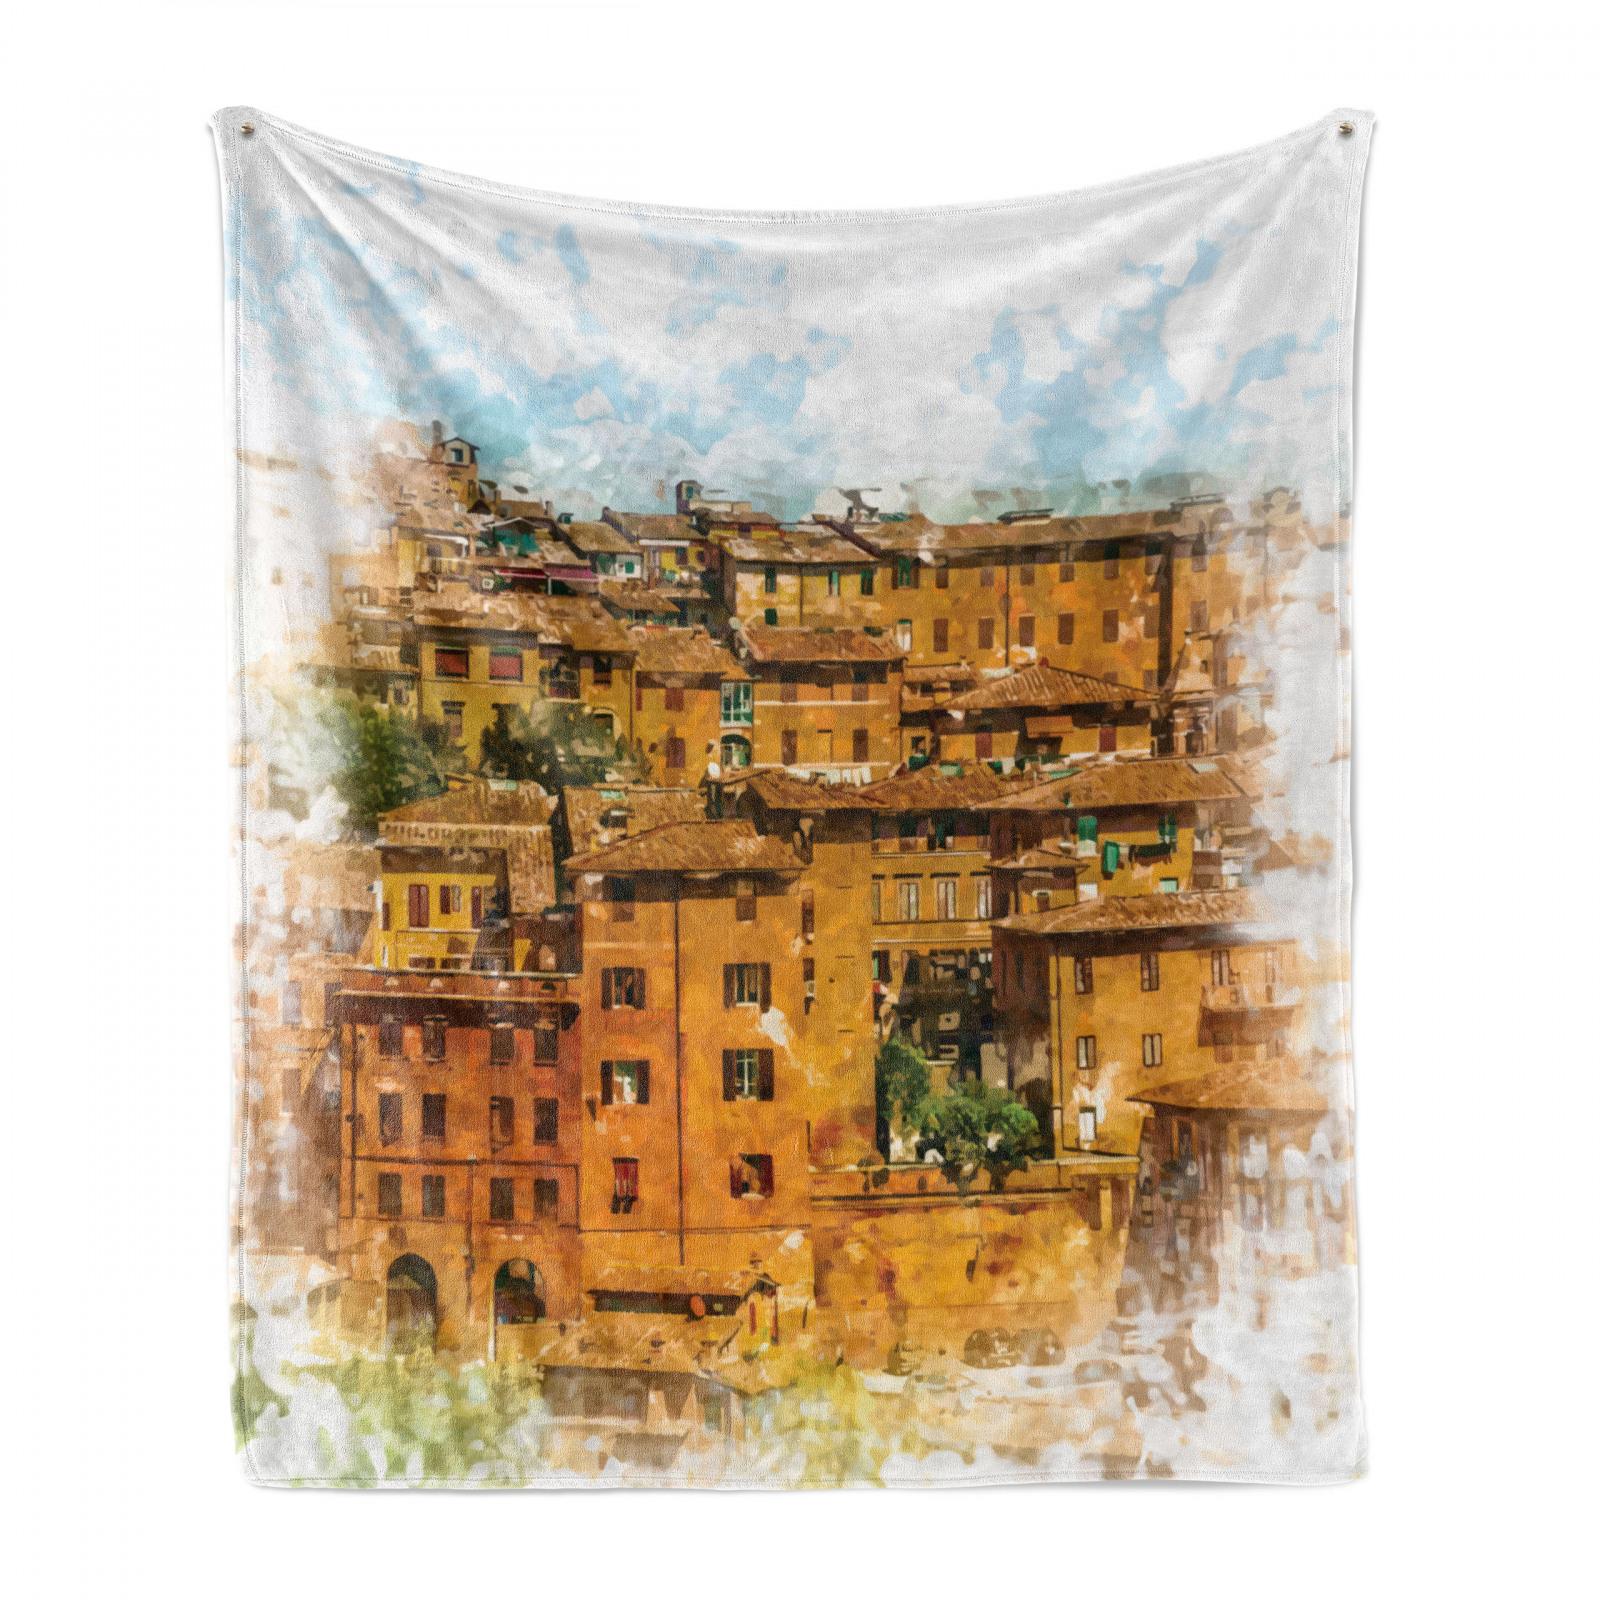 Italienisch Weich Flanell Fleece Decke Historische Italienische Stadt